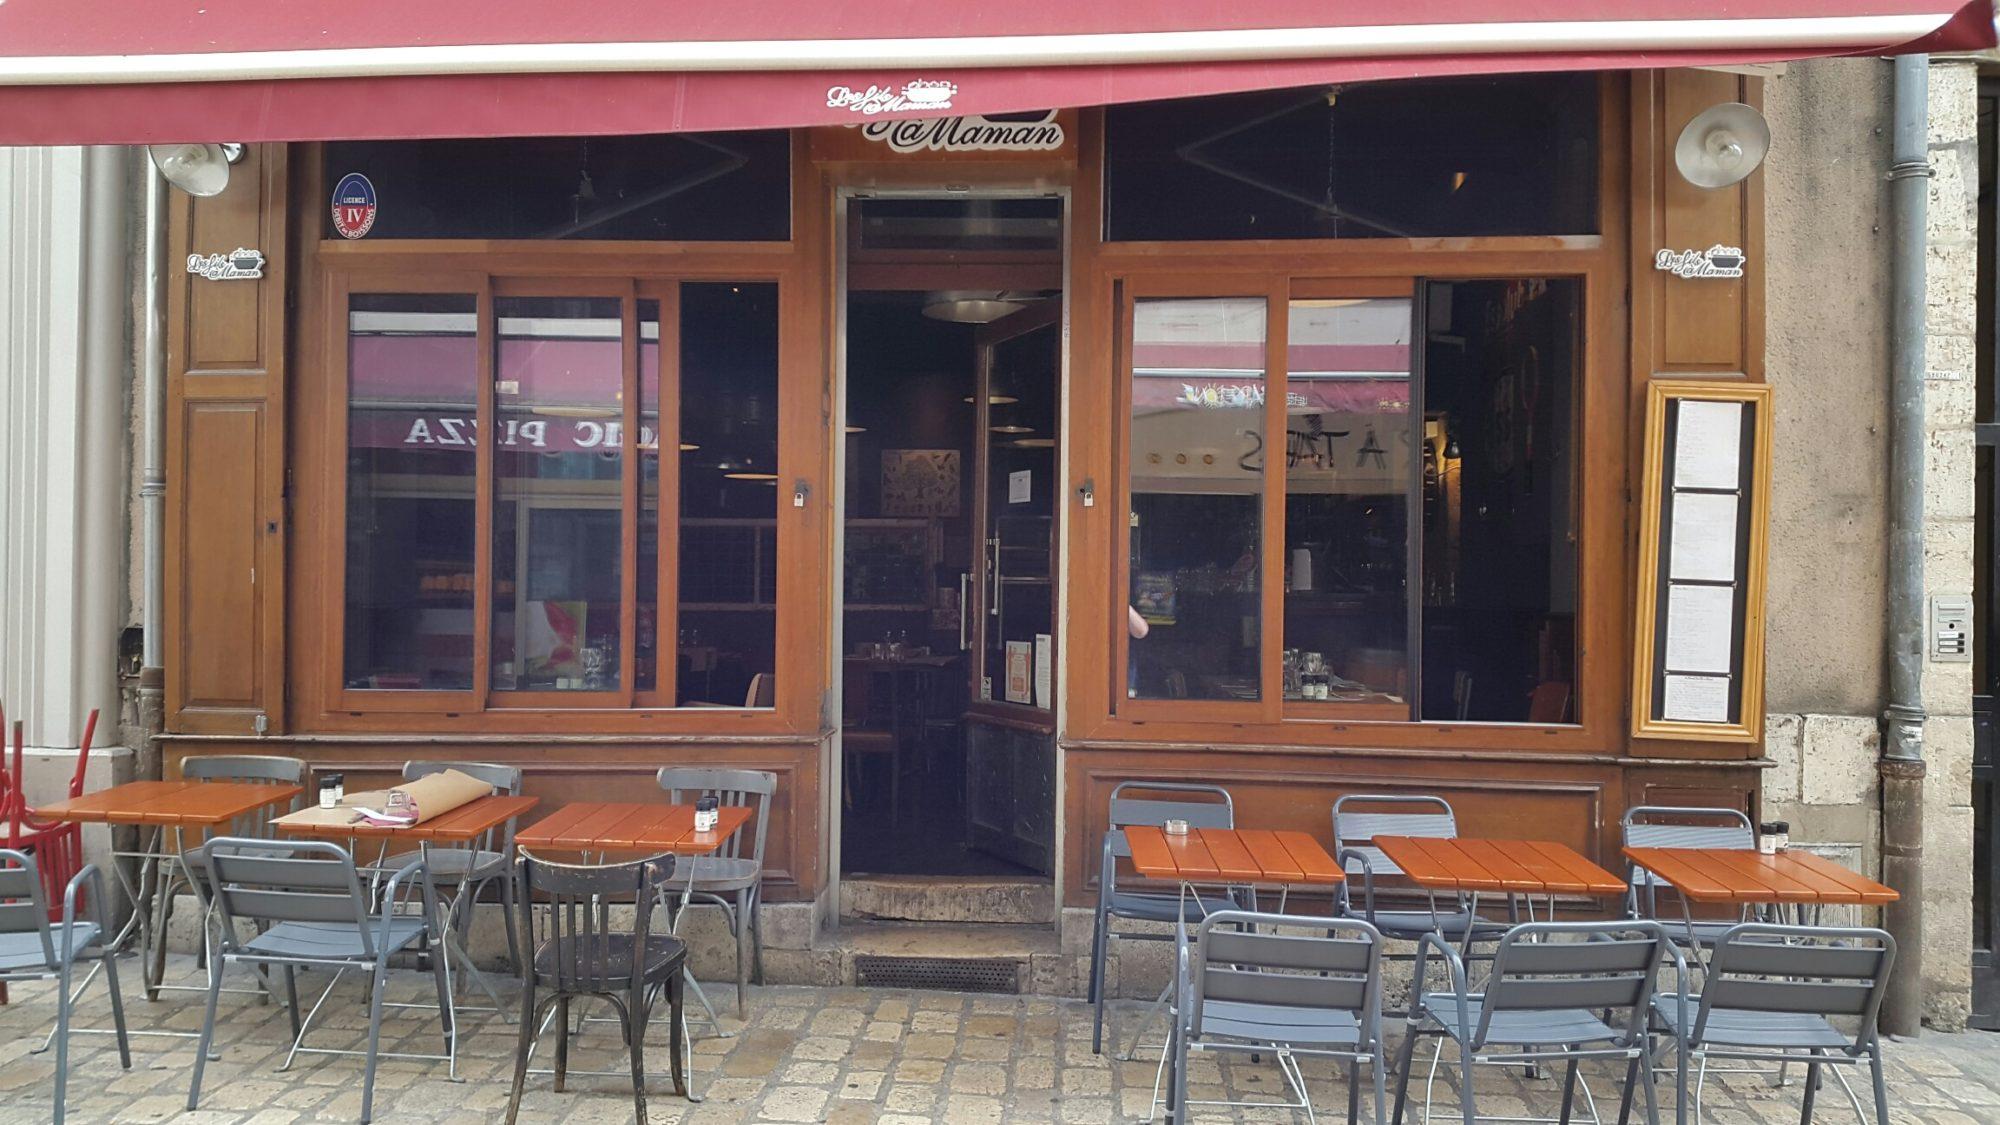 Salle ou terrasse de restaurant à Orléans